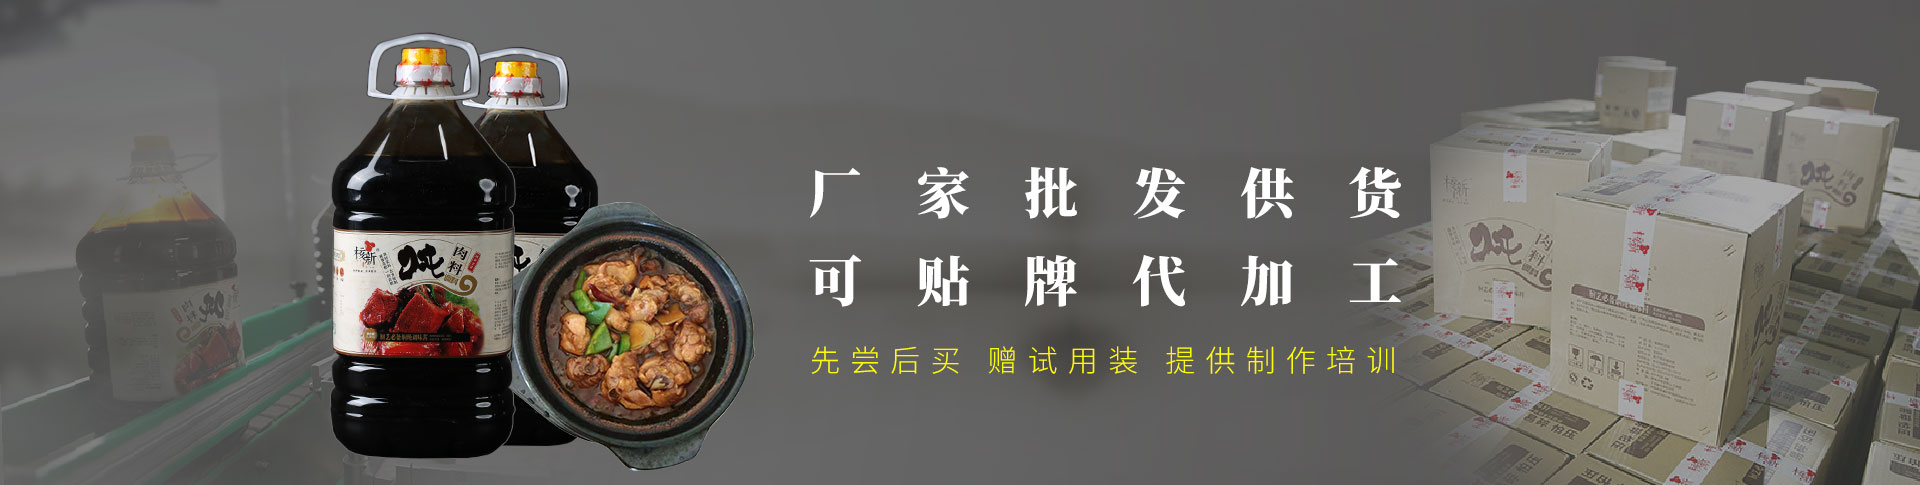 西藏哪里有黄焖鸡酱料卖